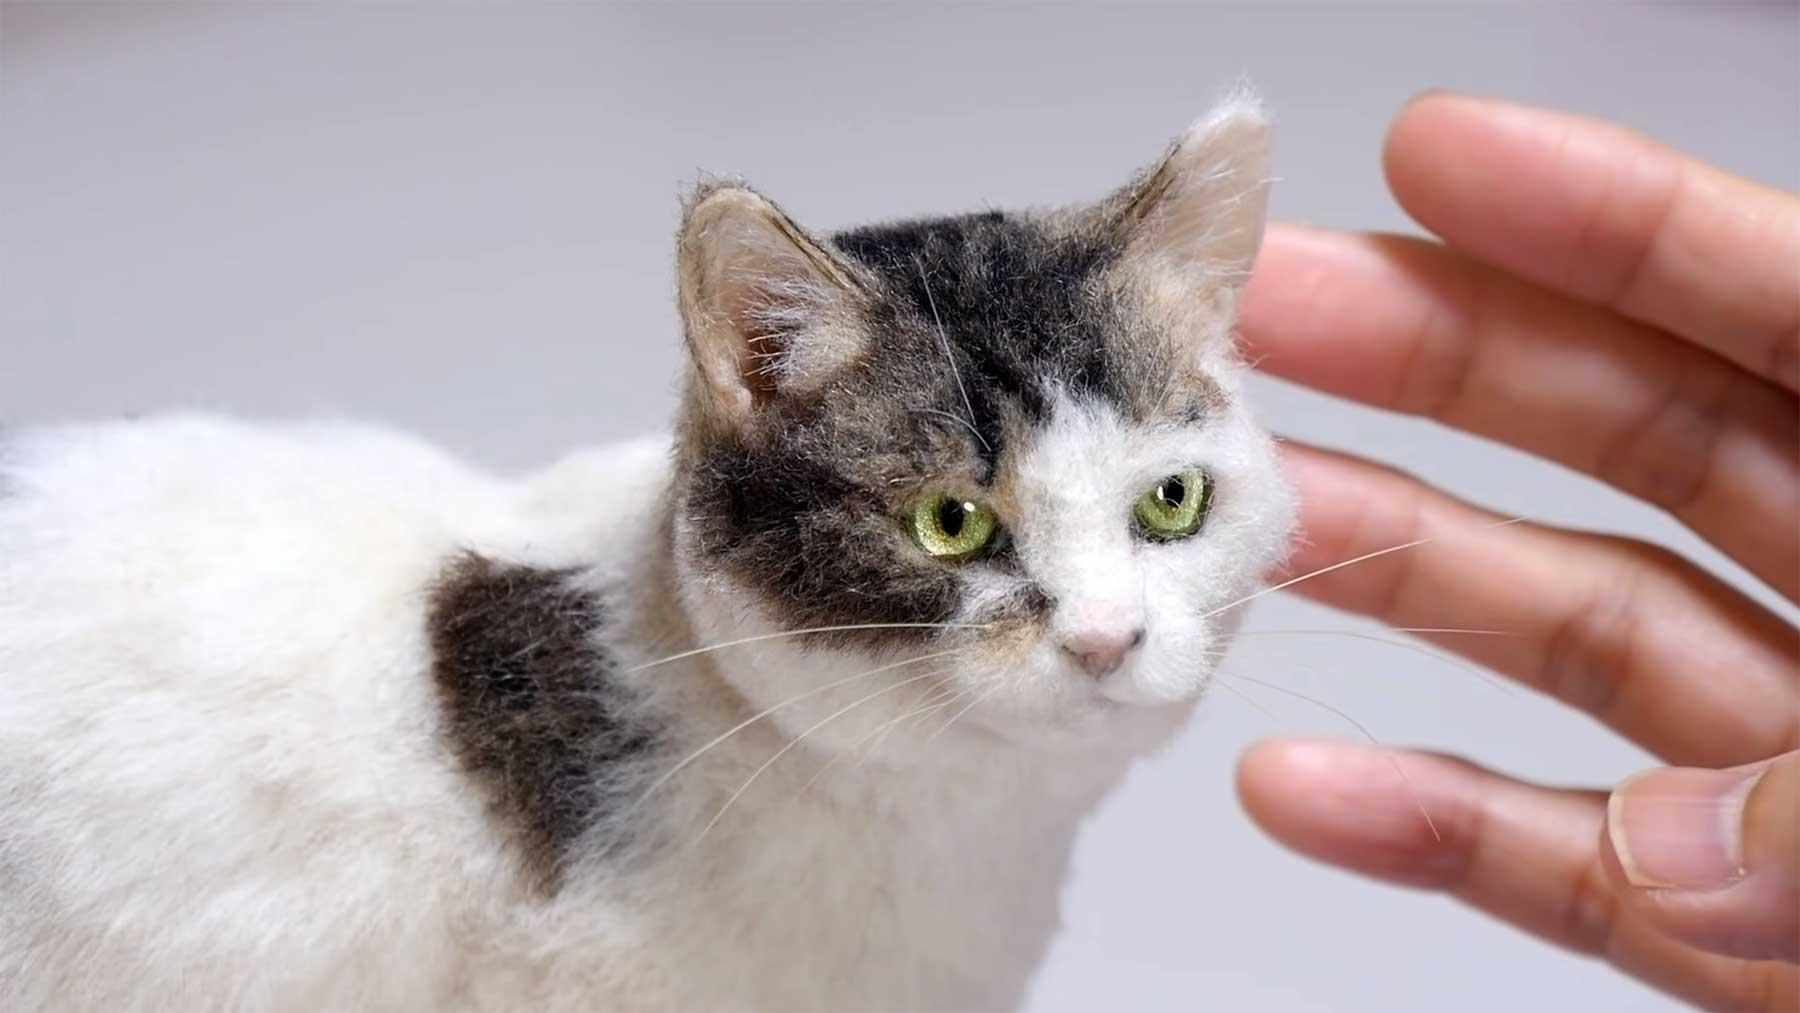 Yamanono erstellt realistisch anmutende Katzen und Hunde aus Filz